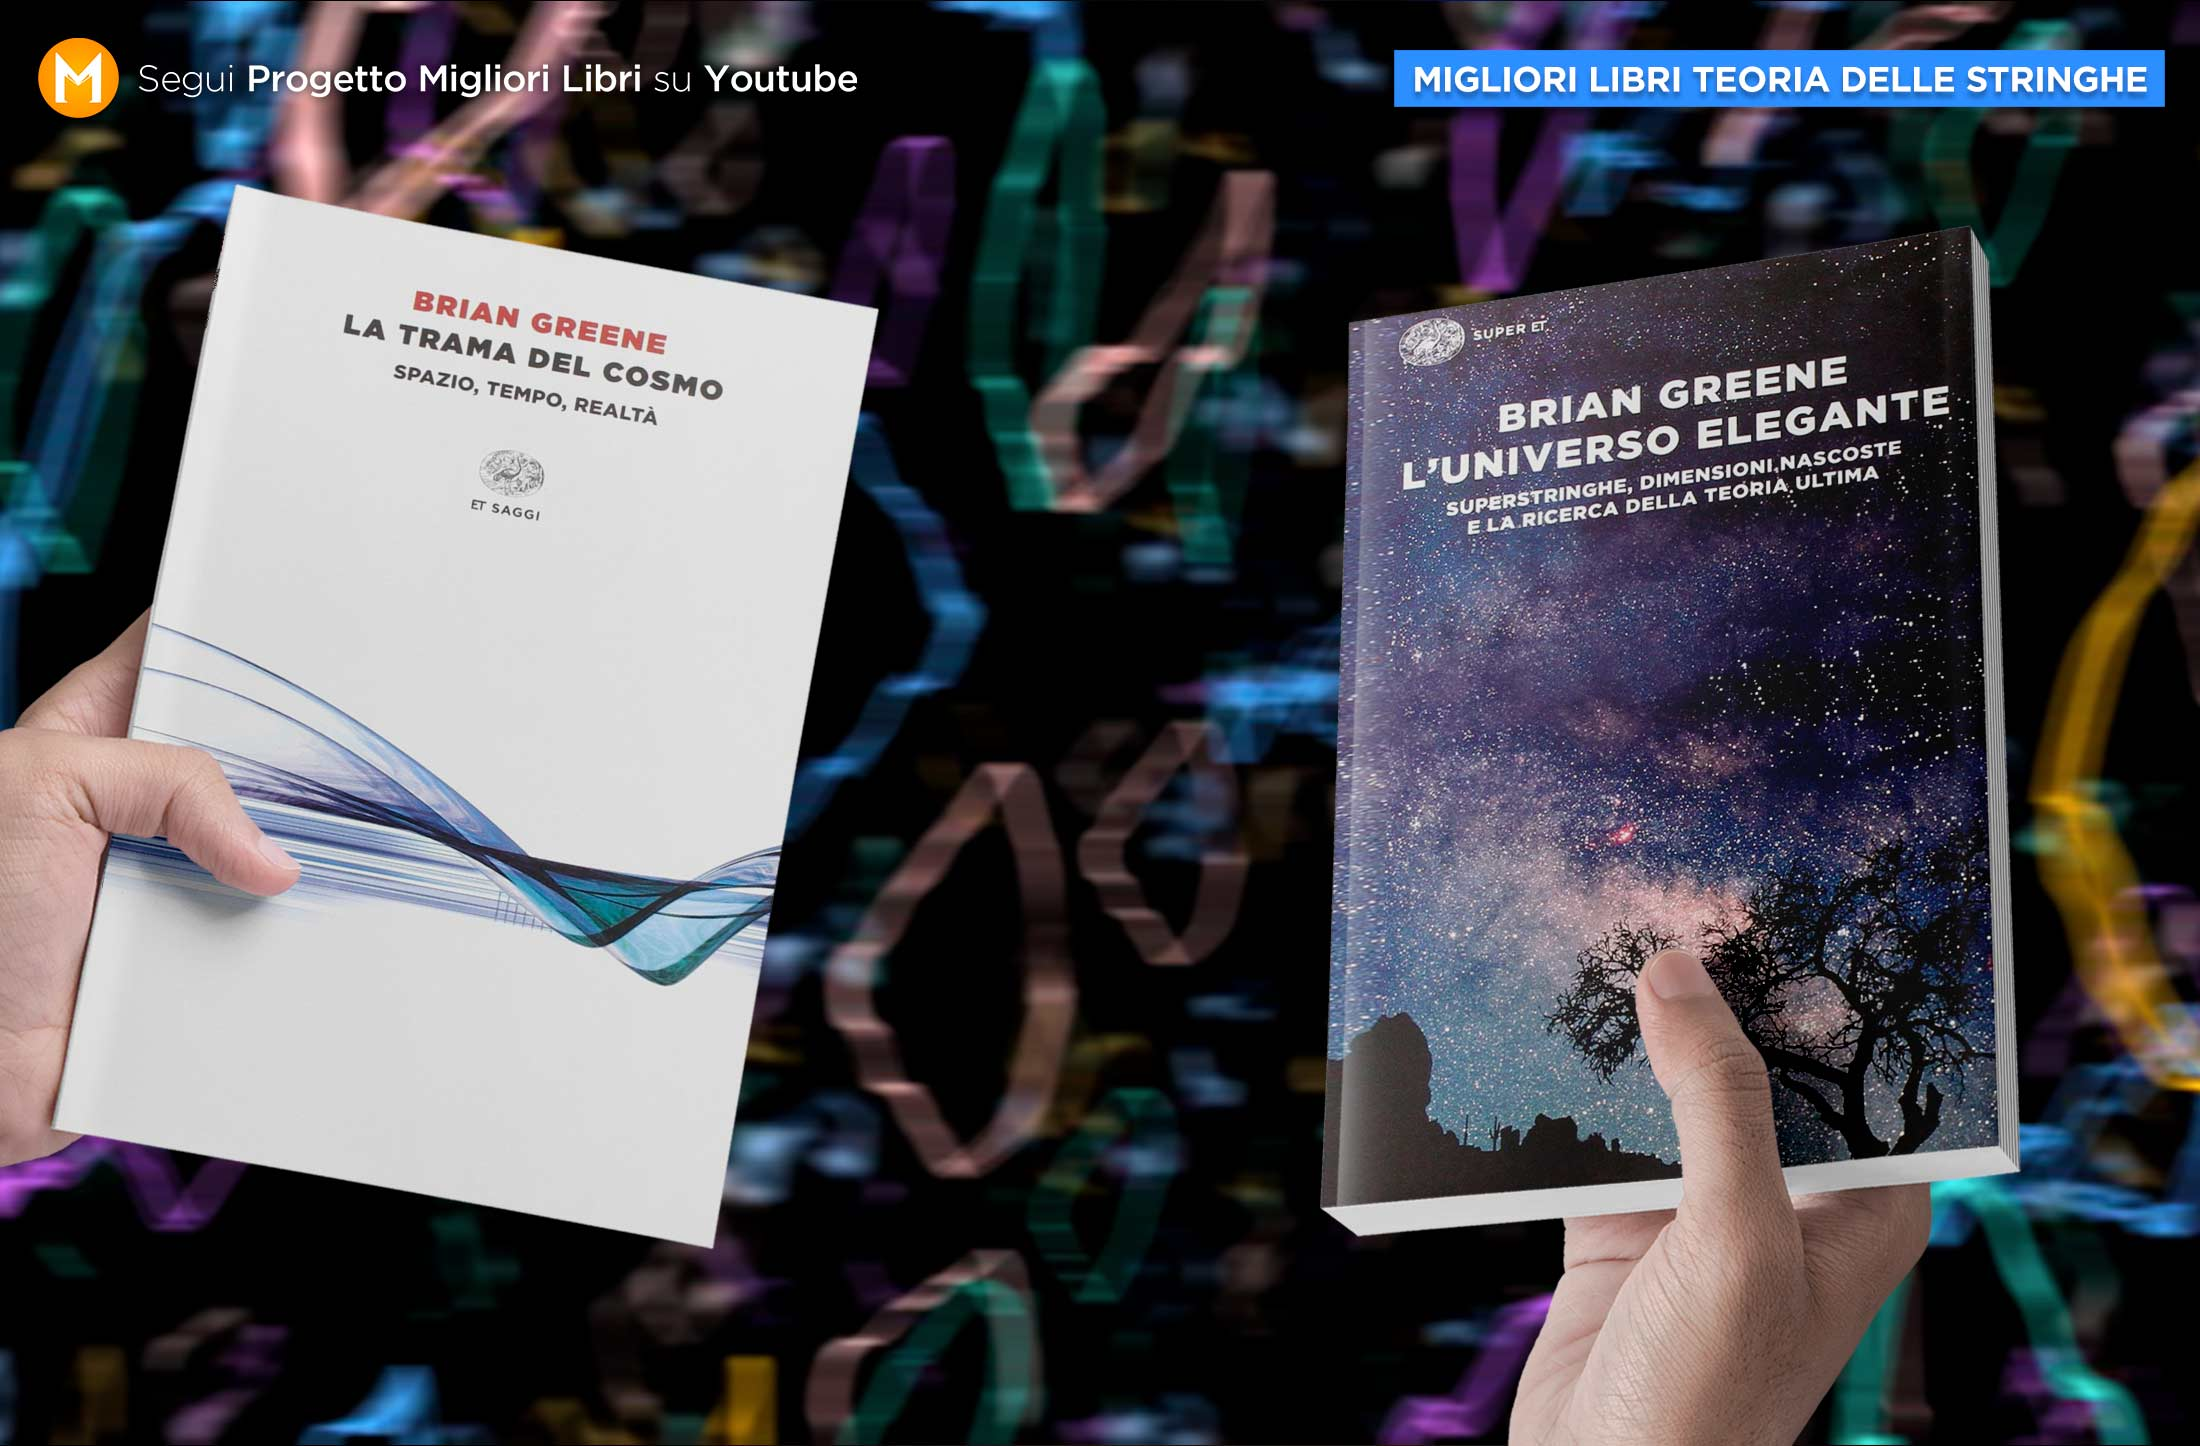 migliori-libri-teoria-delle-stringhe-saggi